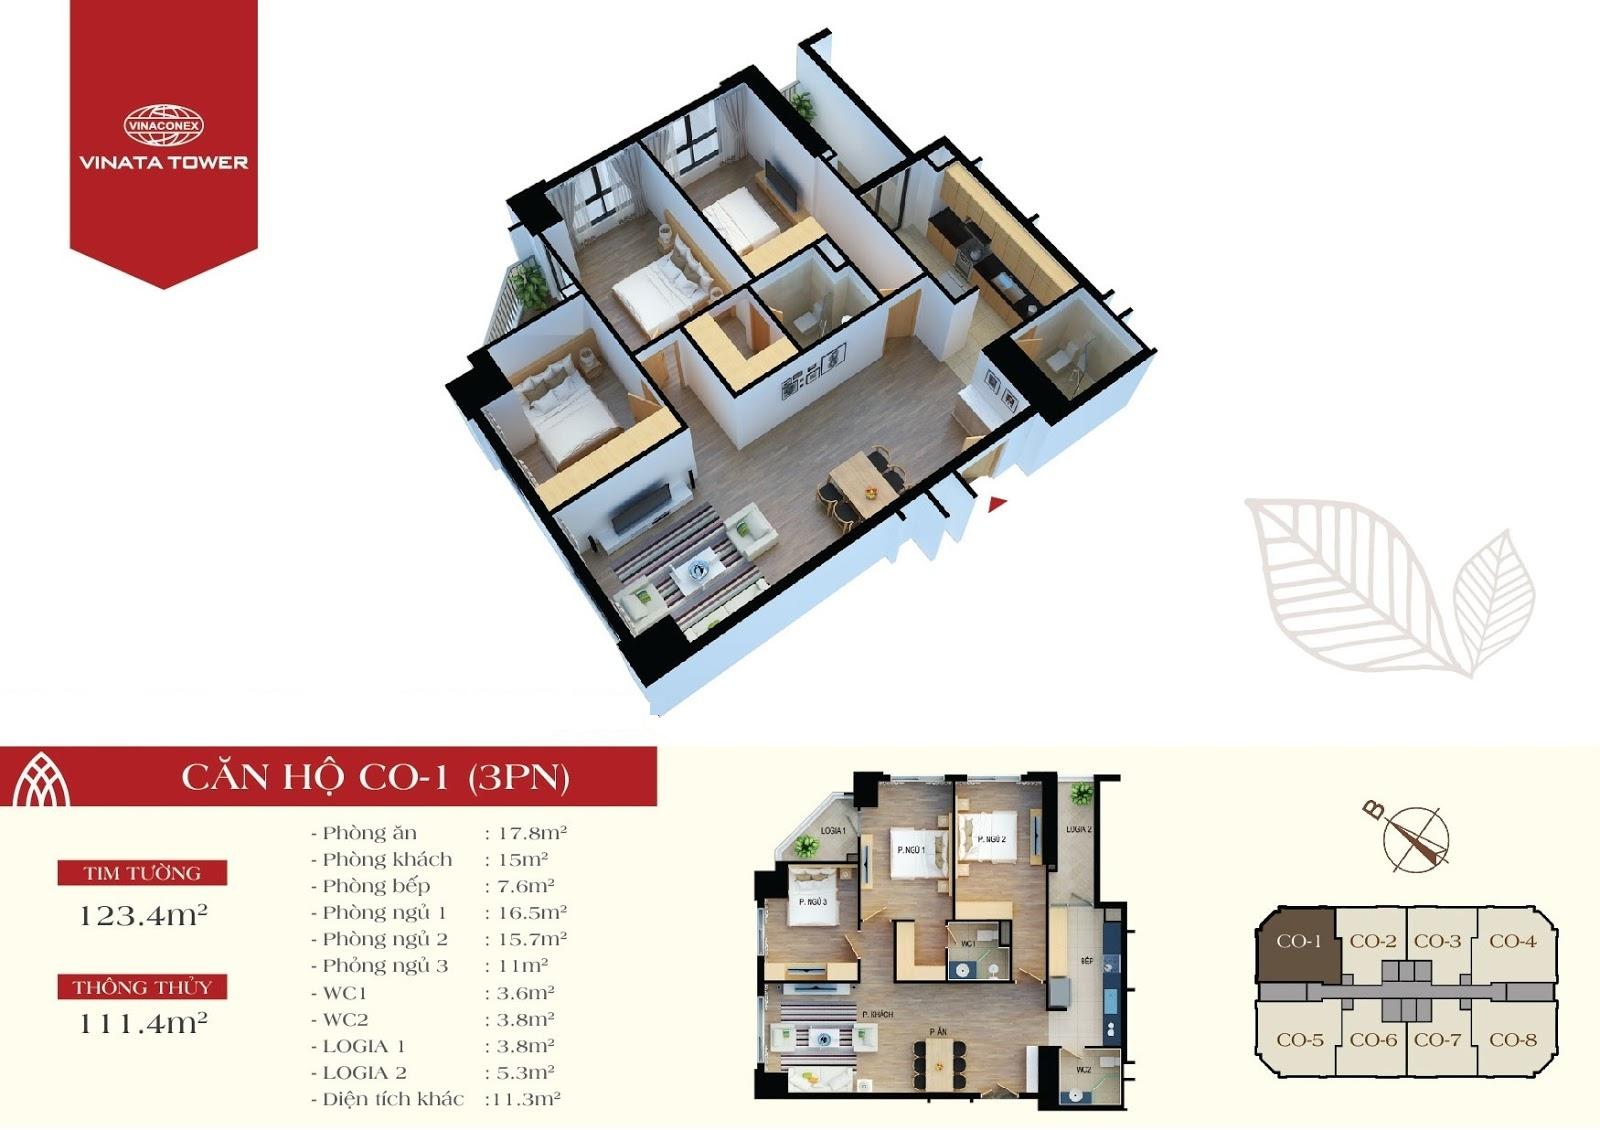 thiết kế vinata tower căn hộ CO1